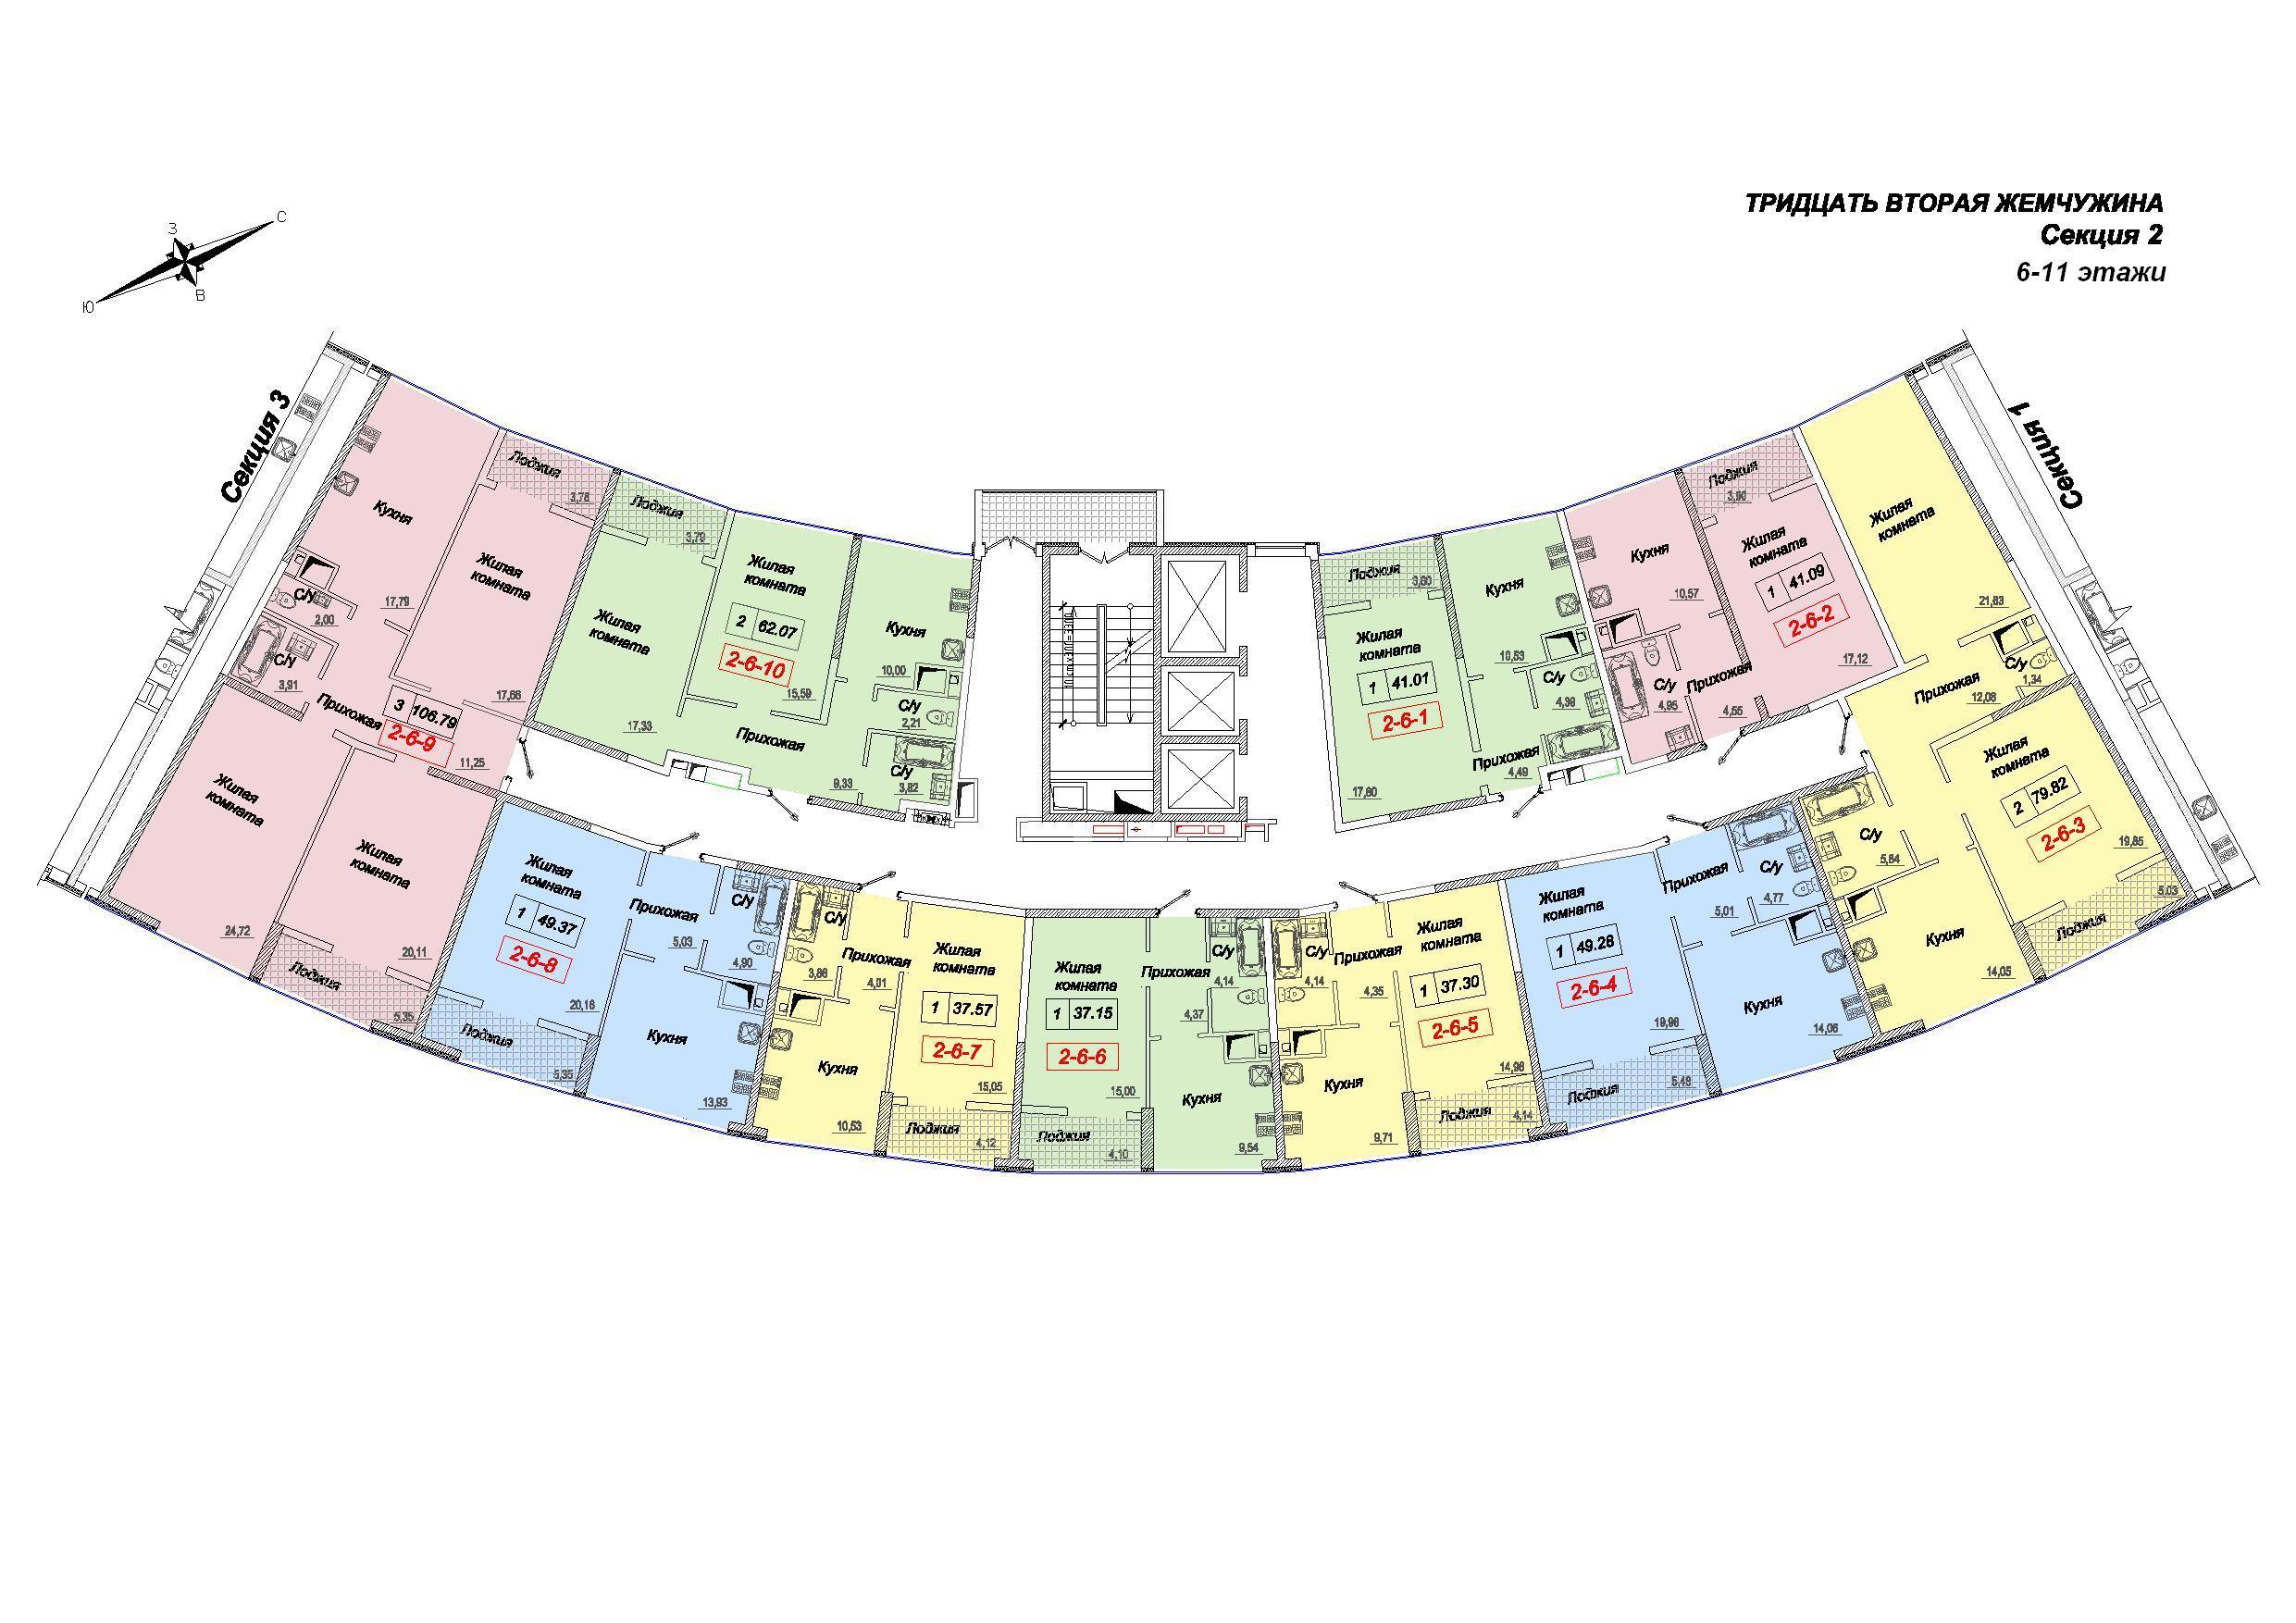 ЖК 32 Жемчужина 2 секция 6-11 этажи